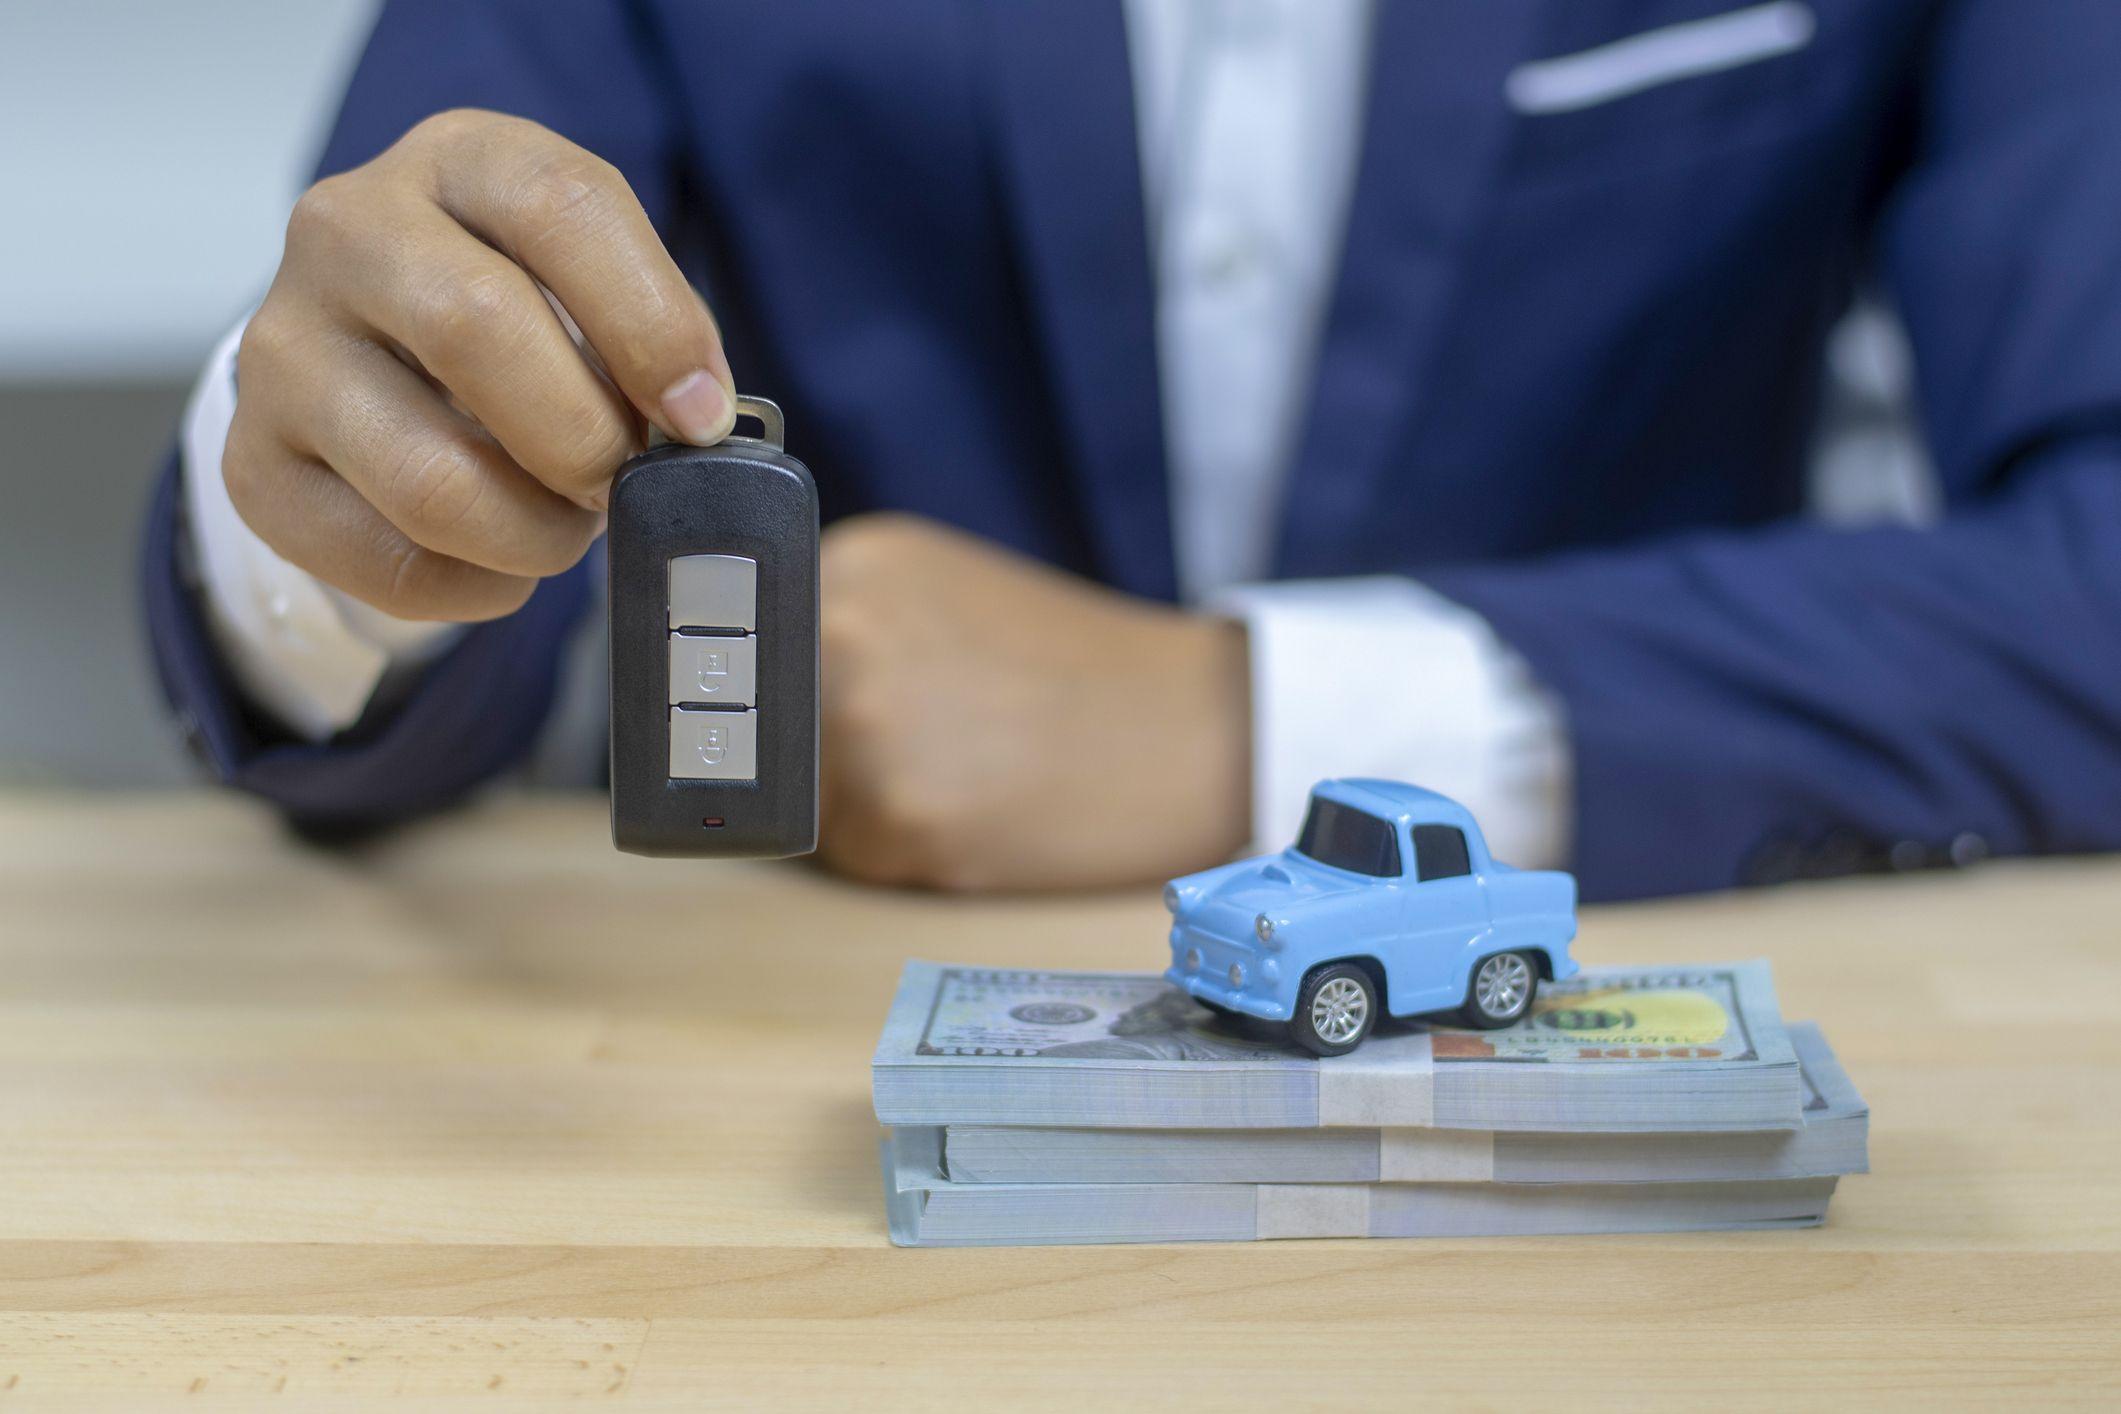 تكاليف امتلاك سيارة في امريكا - أغلى وأرخص 10 ولايات